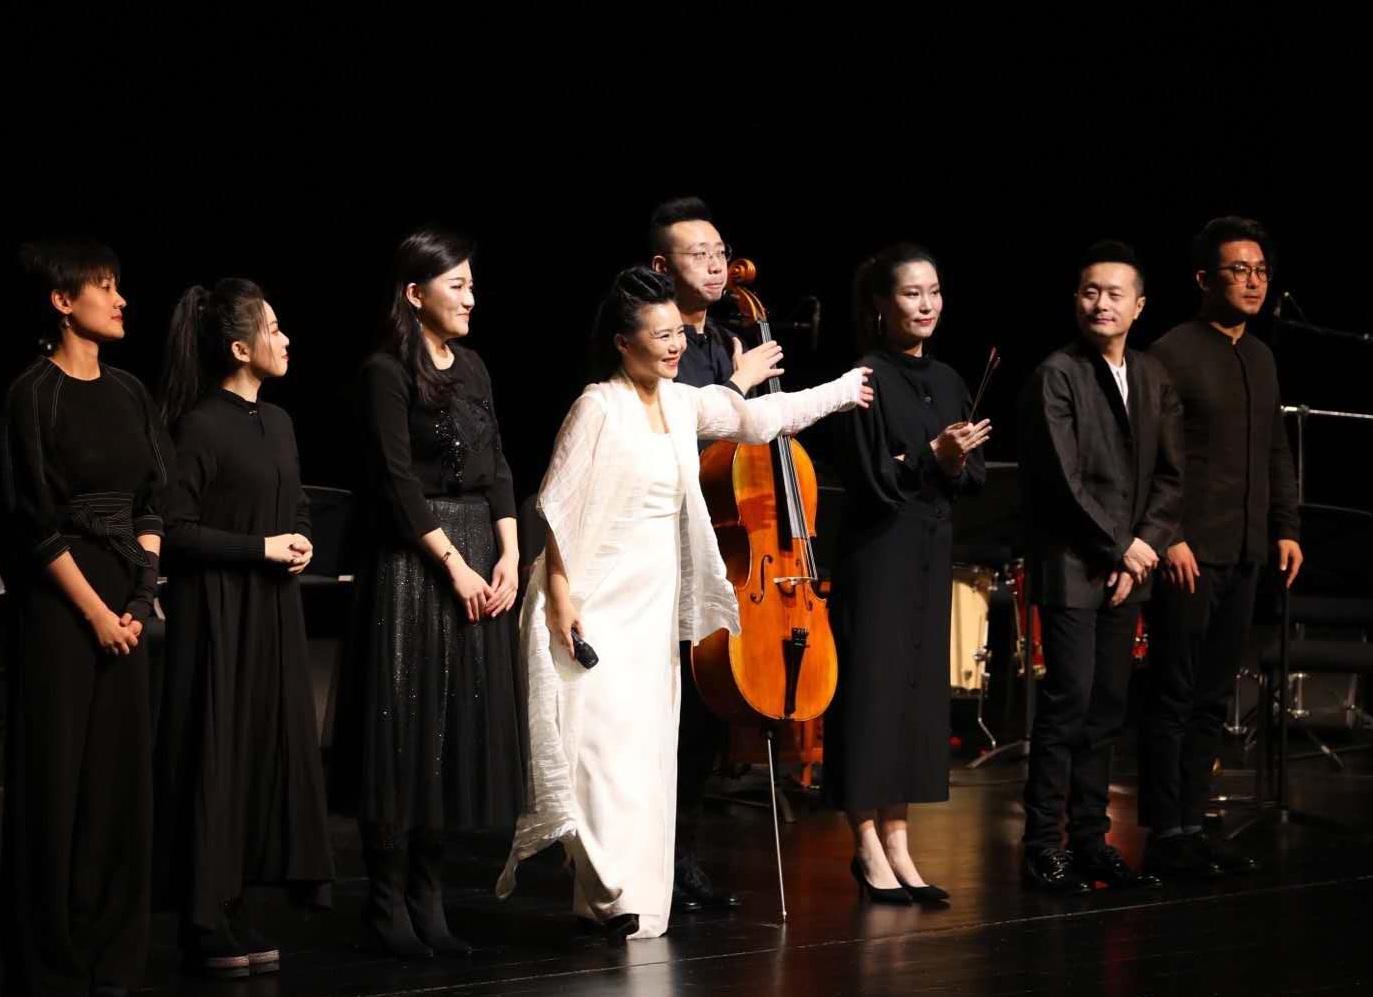 2020龚锣新艺术乐团青岛音乐会演出时间、演出地点、购票链接